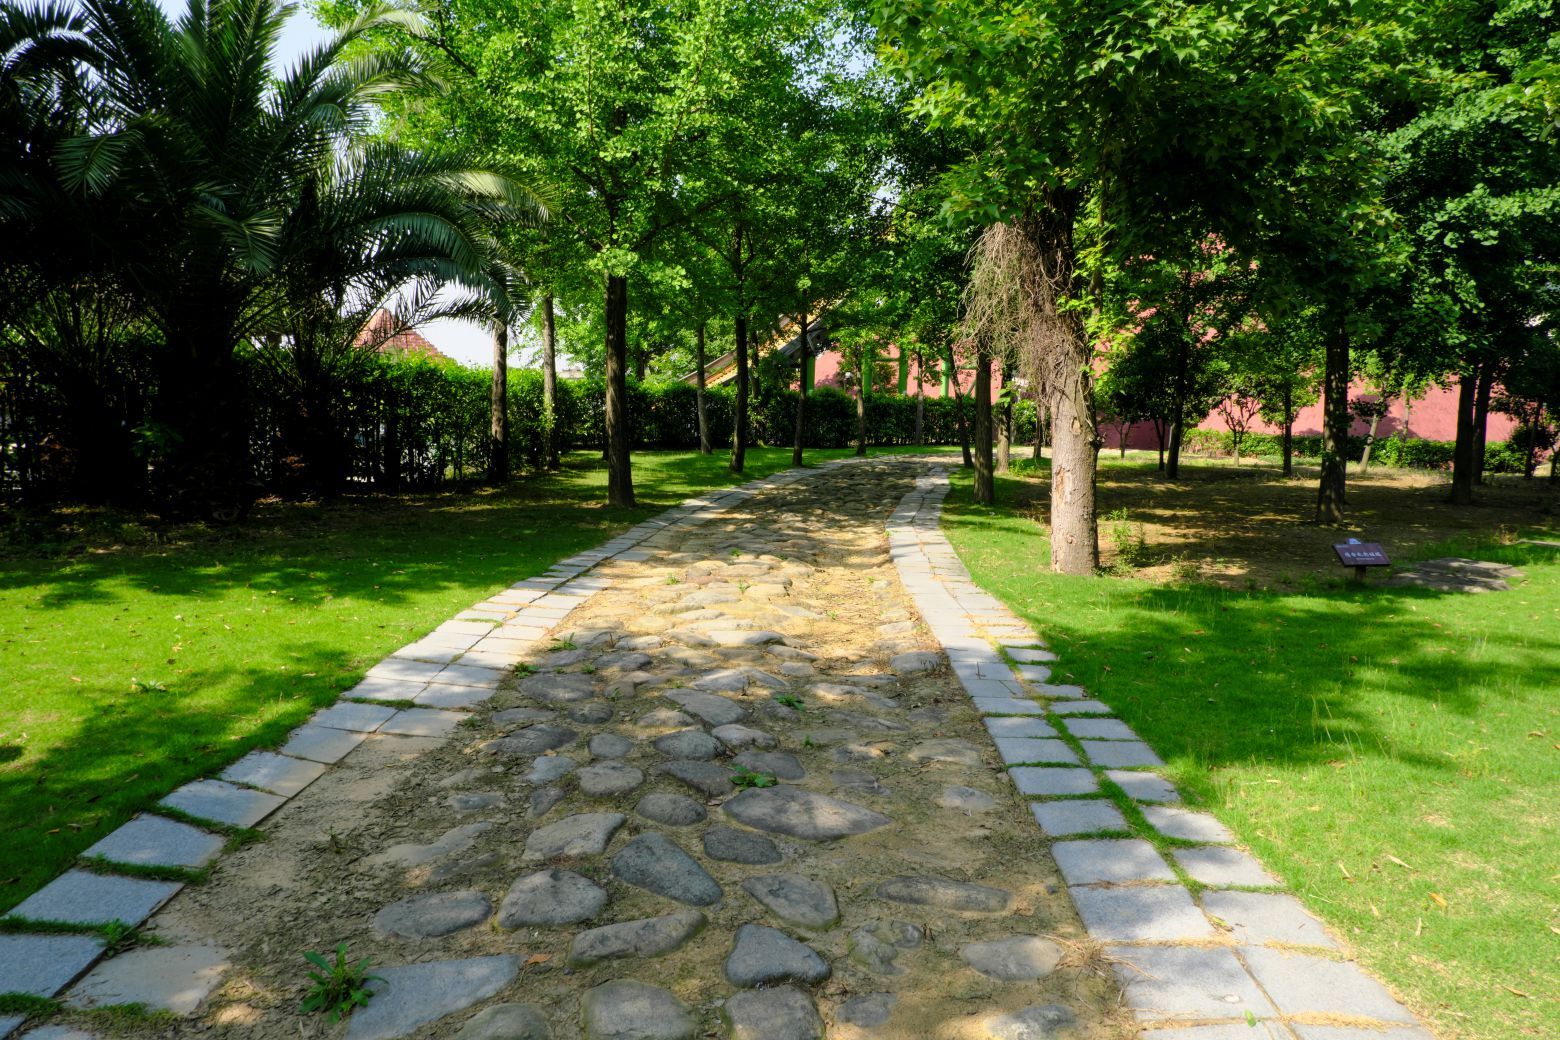 树林小道、公园小道 - 免费商用图片